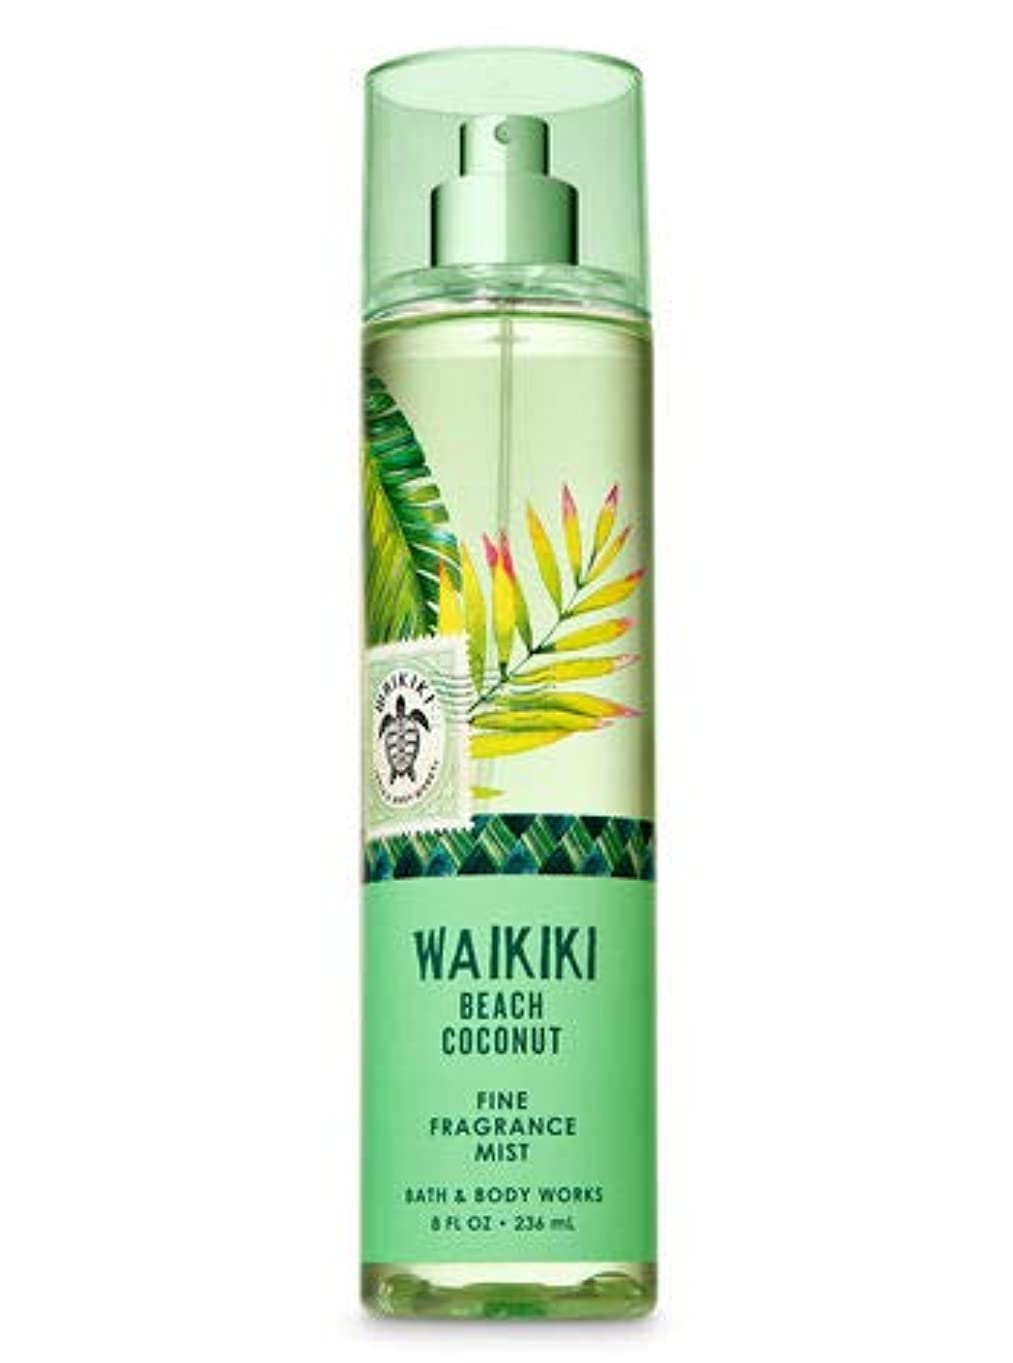 頑張るどうやらゆるく【Bath&Body Works/バス&ボディワークス】 ファインフレグランスミスト ワイキキビーチココナッツ Fine Fragrance Mist Waikiki Beach Coconut 8oz (236ml)...